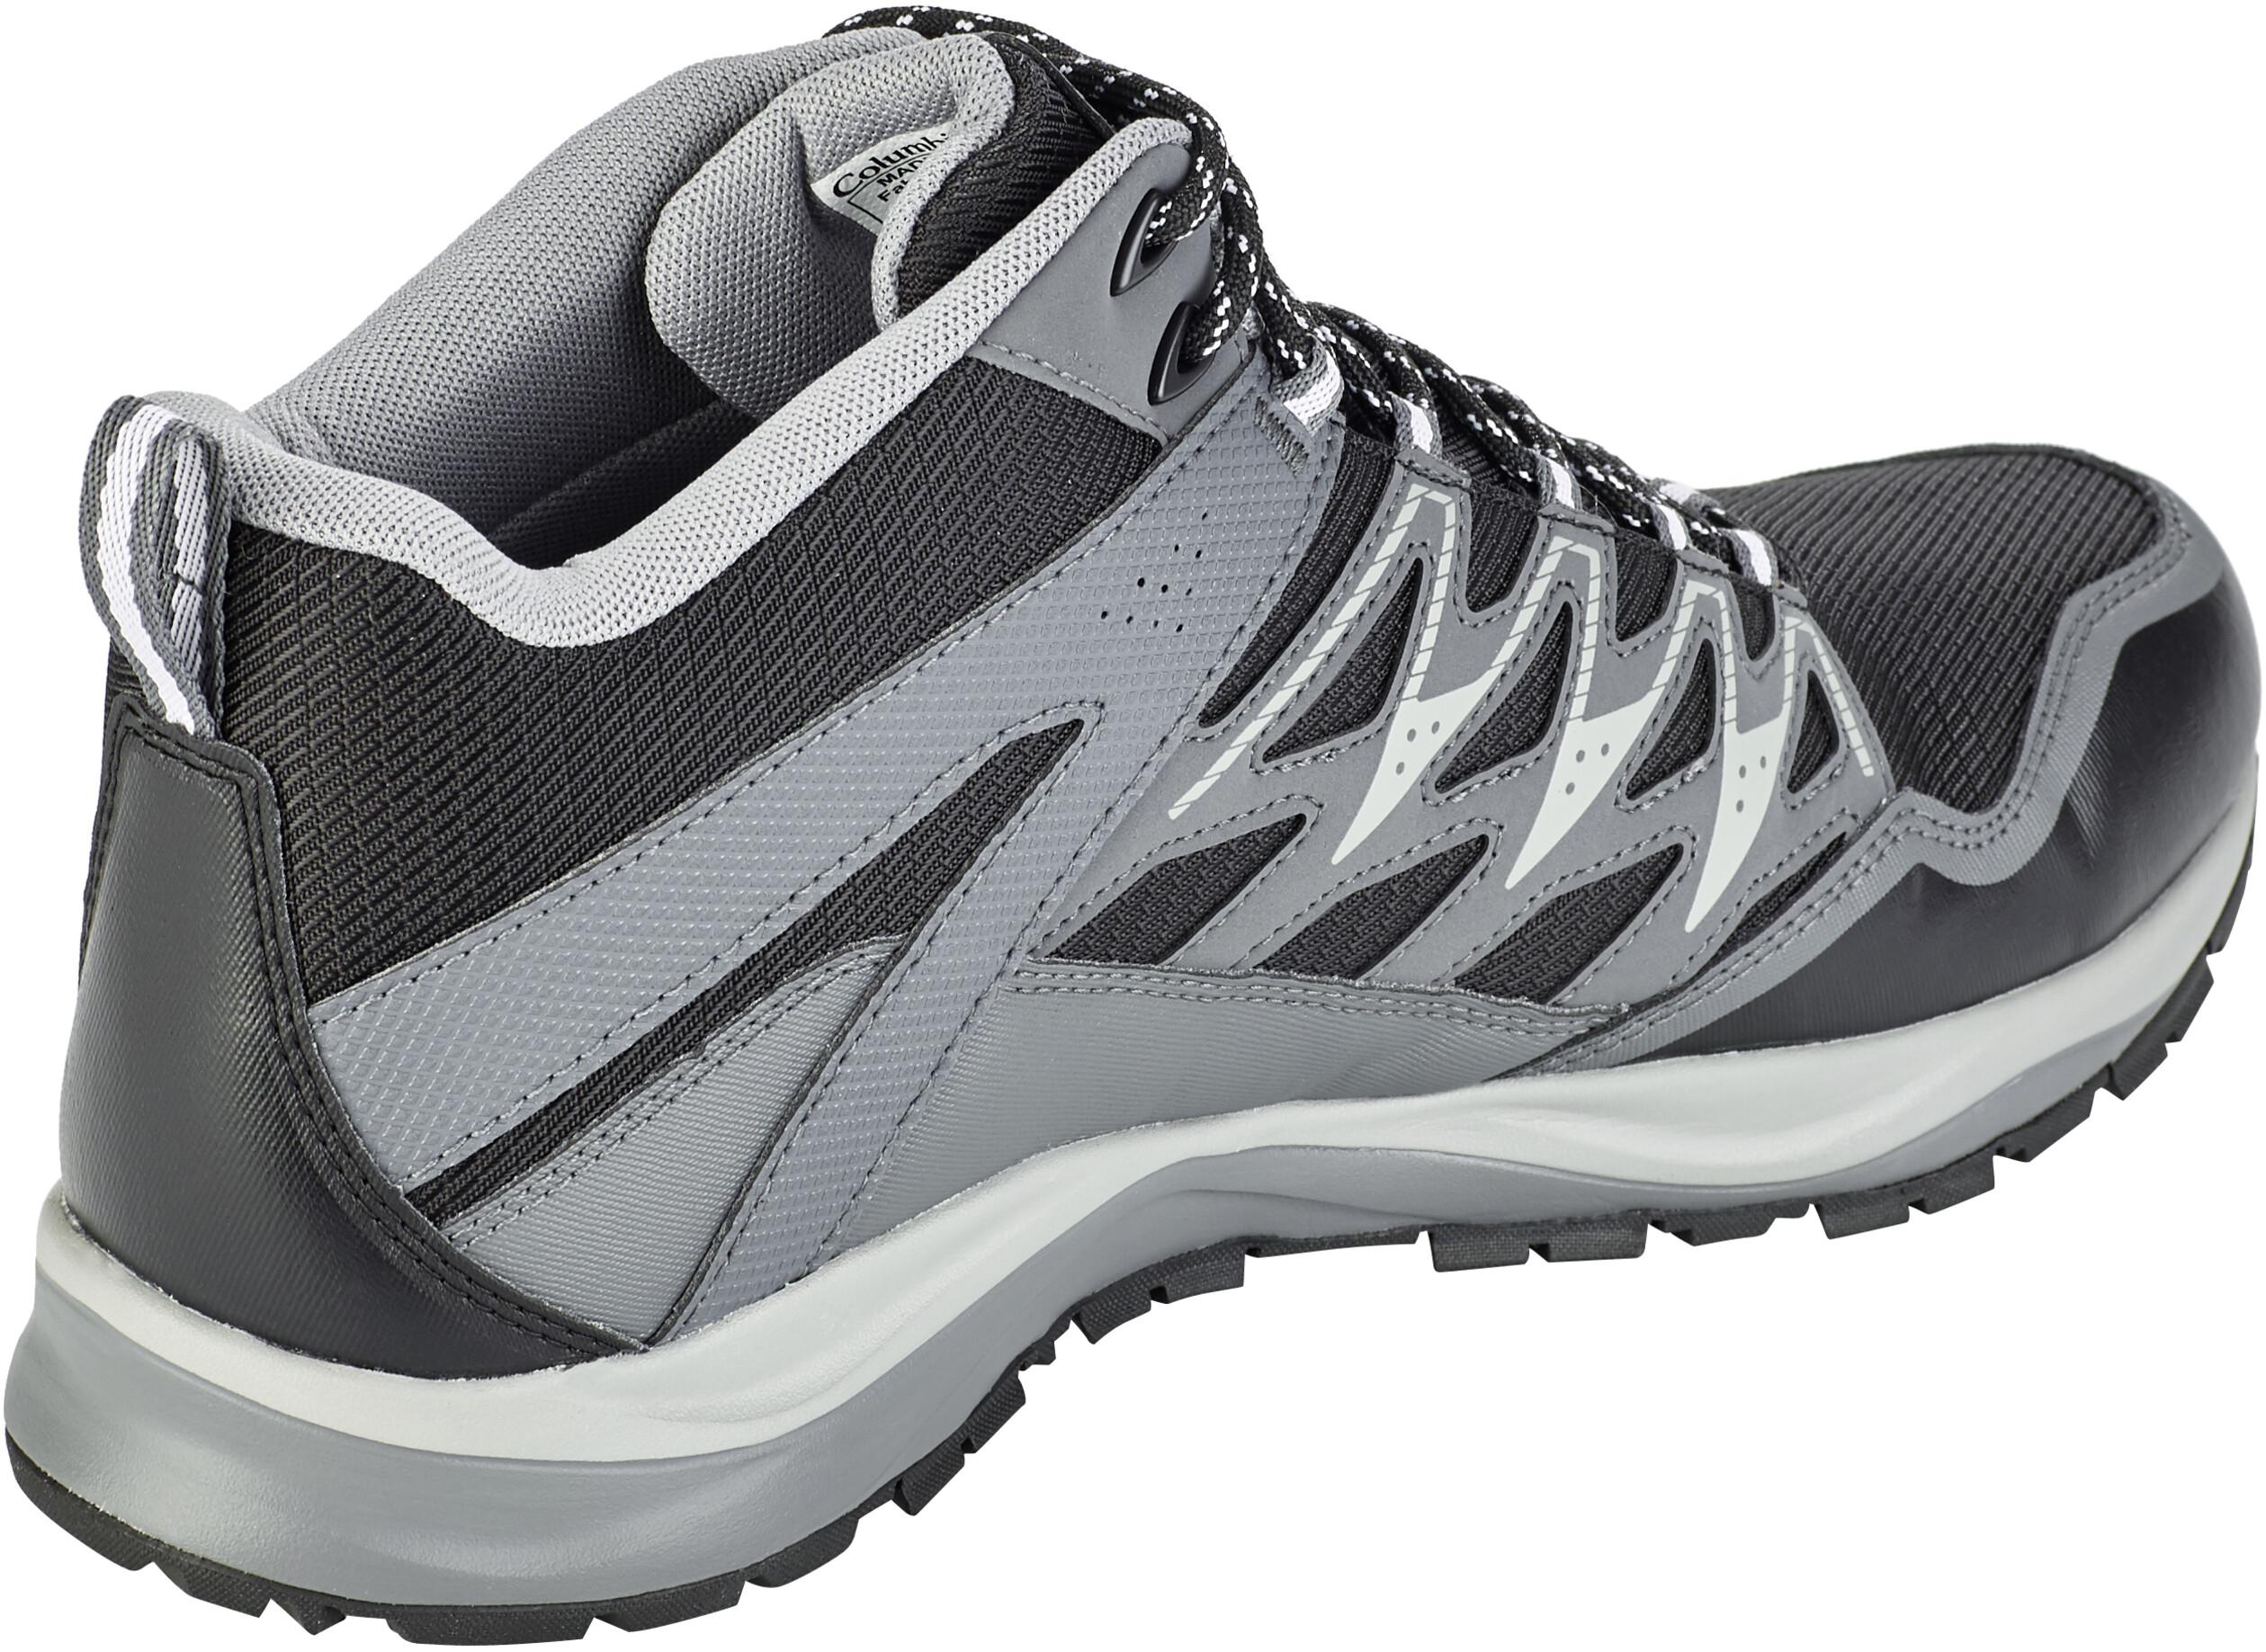 5132ce57d0a Columbia Wayfinder Mid Outdry Shoes Men